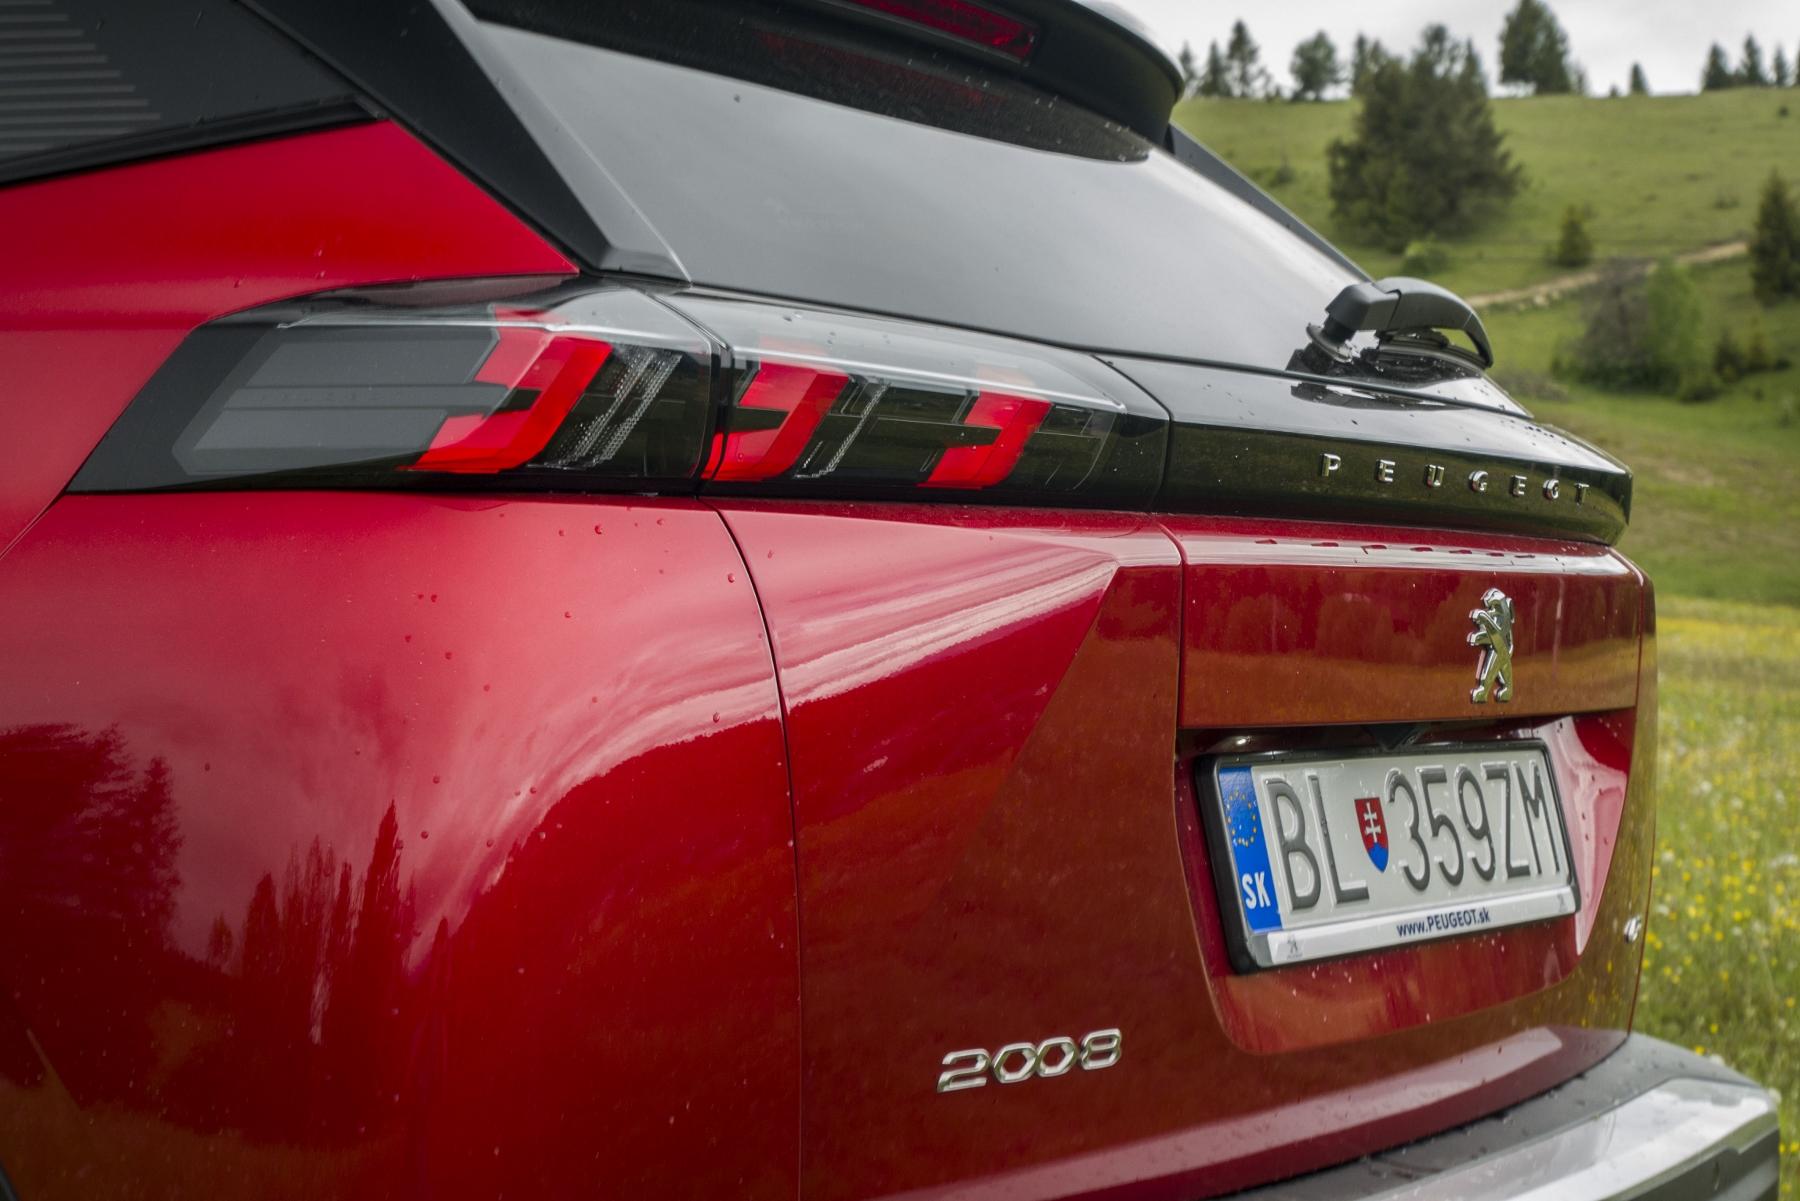 Test: Peugeot 2008 GT ohuruje silným trojvalcom a dobrou prevodovkou KdmwlPut1O peugeot-2008-56